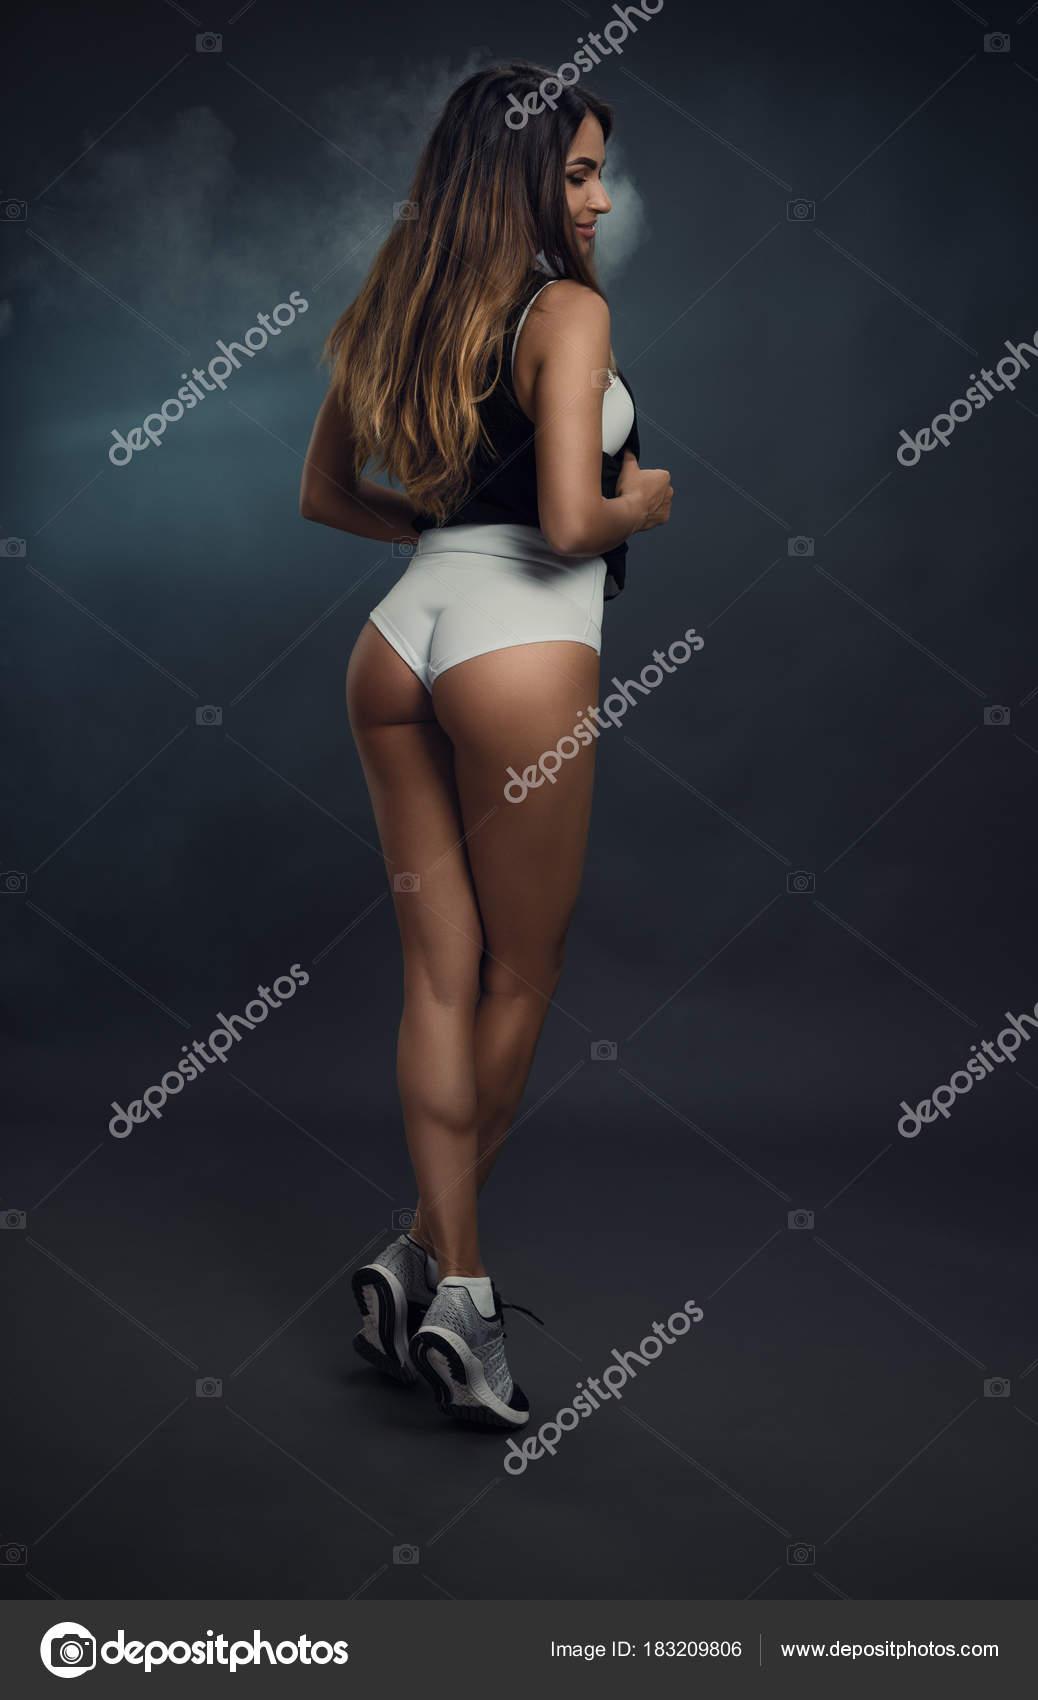 Красивая задница девушки в трусиках белых 12